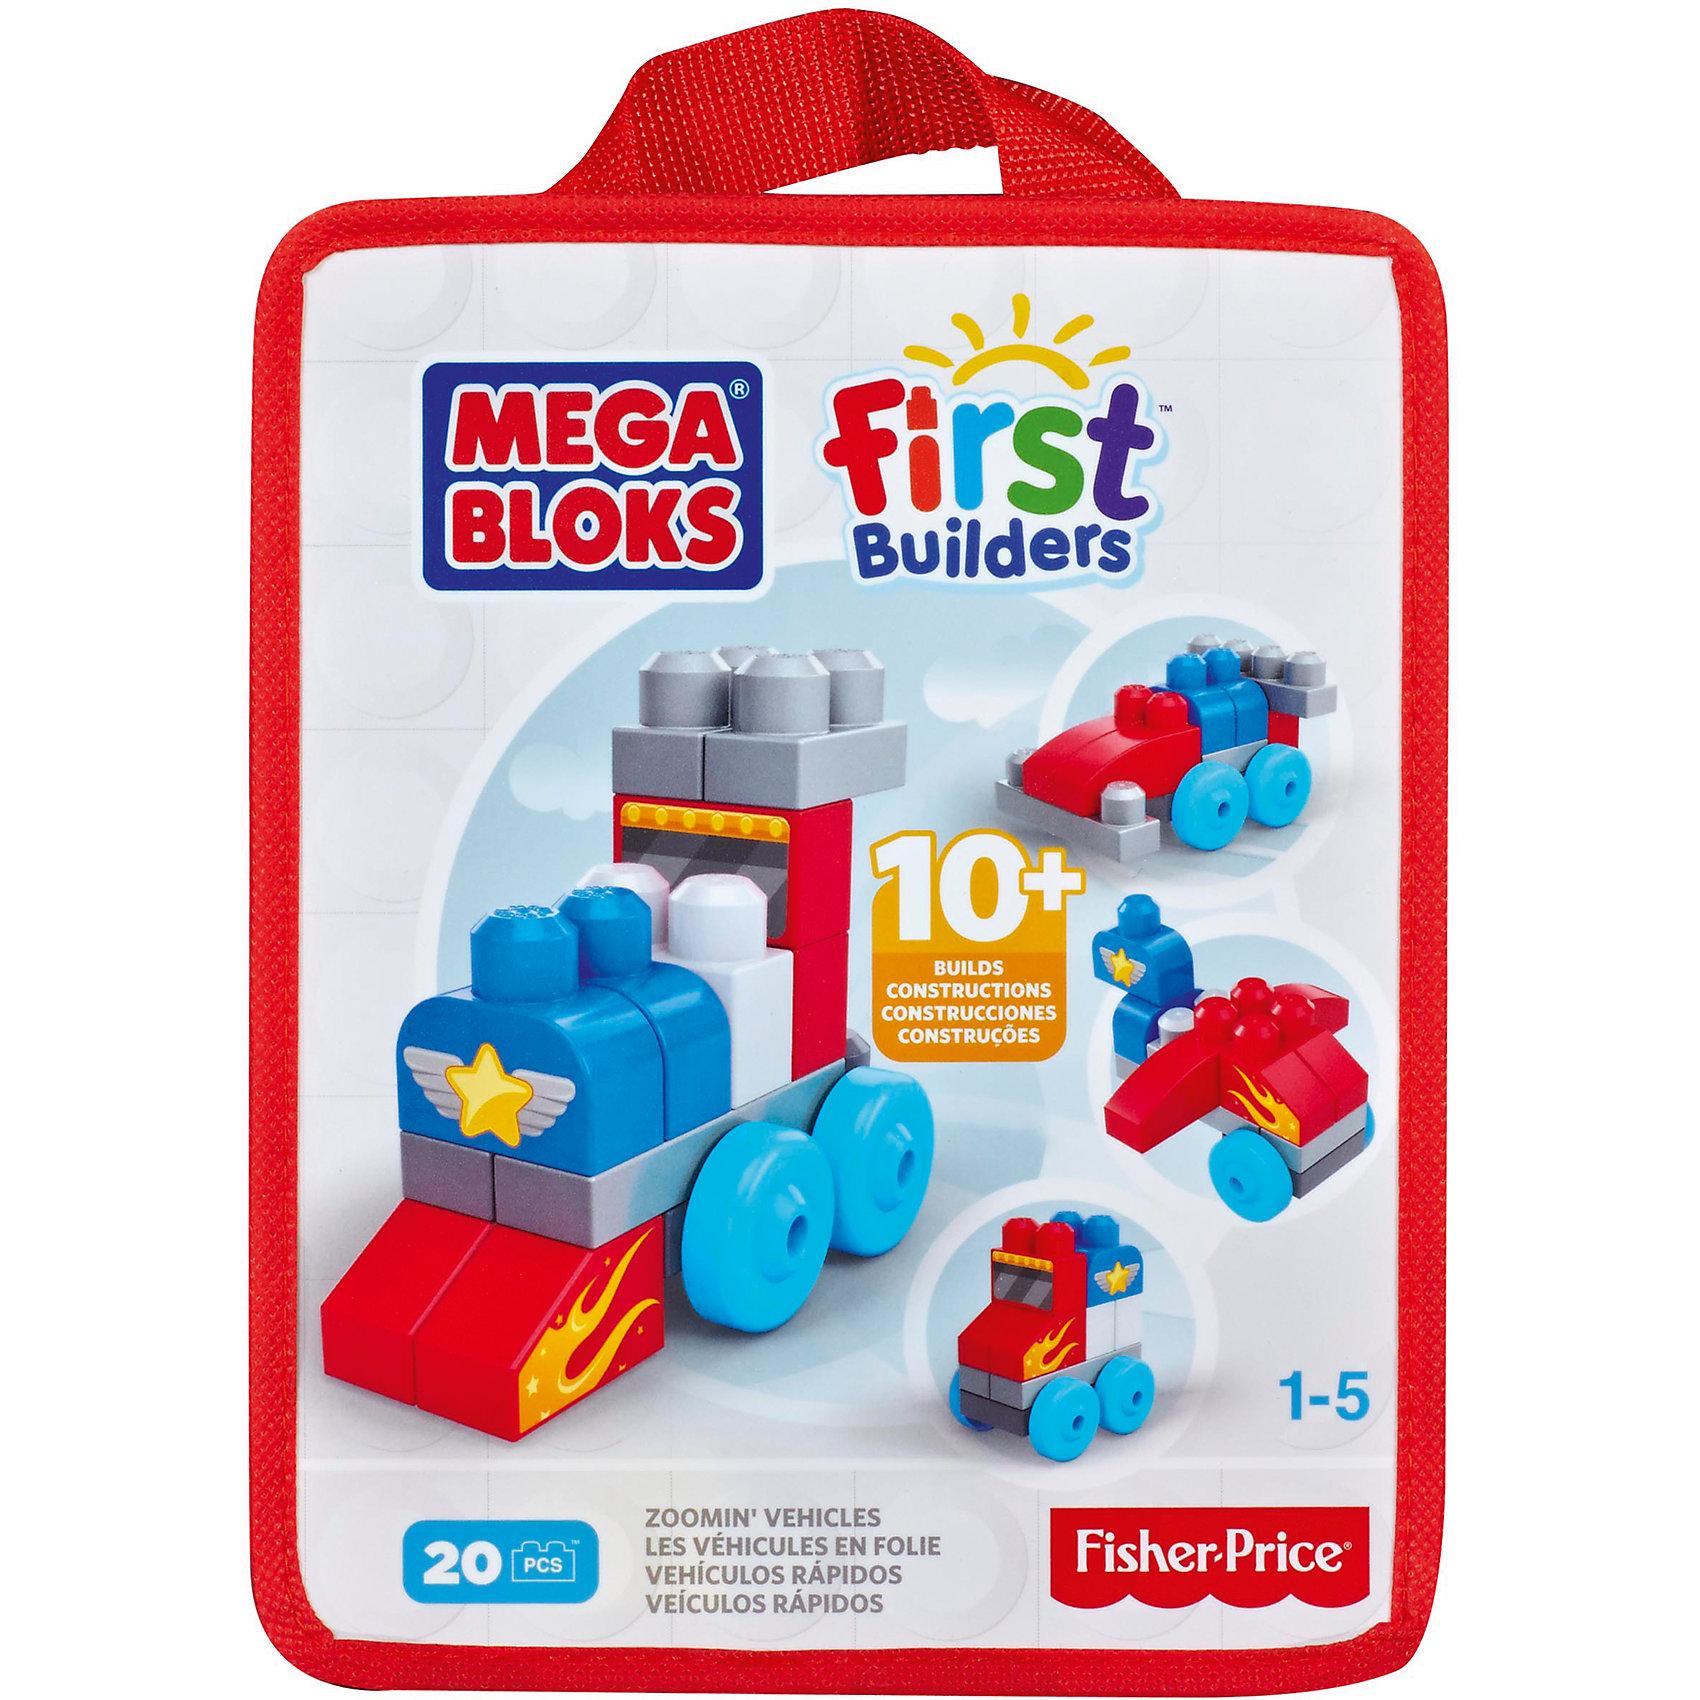 Конструктор красный, MEGA BLOKS First BuildersПластмассовые конструкторы<br>Яркий  конструктор MEGA BLOKS обязательно понравится малышам. С помощью деталей конструктора маленькие строители смогут сделать различные виды транспорта и, конечно, весело поиграть. Крупные кубики сделаны специально для детских ручек, имеют удобные крепления, прекрасно складываются между собой. Игра с конструктором позволяет крохе развить тактильные ощущения, цветовосприятие, моторику, мышление и подарит море положительных эмоций. Все детали набора выполнены из высококачественного гипоаллергенного пластика, не имеют острых углов, абсолютно безопасны для детей. После игры элементы конструктора можно сложить в удобную сумку на молнии. <br><br>Дополнительная информация:<br><br>- Материал: пластик.<br>- Размер упаковки: 21х26х10 см. <br>- Комплектация: 20 элементов конструктора, сумка. <br>- Вес: 272 гр.<br><br>Конструктор красный, MEGA BLOKS First Builders (Мега Блок), можно купить в нашем магазине.<br><br>Ширина мм: 255<br>Глубина мм: 205<br>Высота мм: 100<br>Вес г: 431<br>Возраст от месяцев: 24<br>Возраст до месяцев: 60<br>Пол: Унисекс<br>Возраст: Детский<br>SKU: 4557638